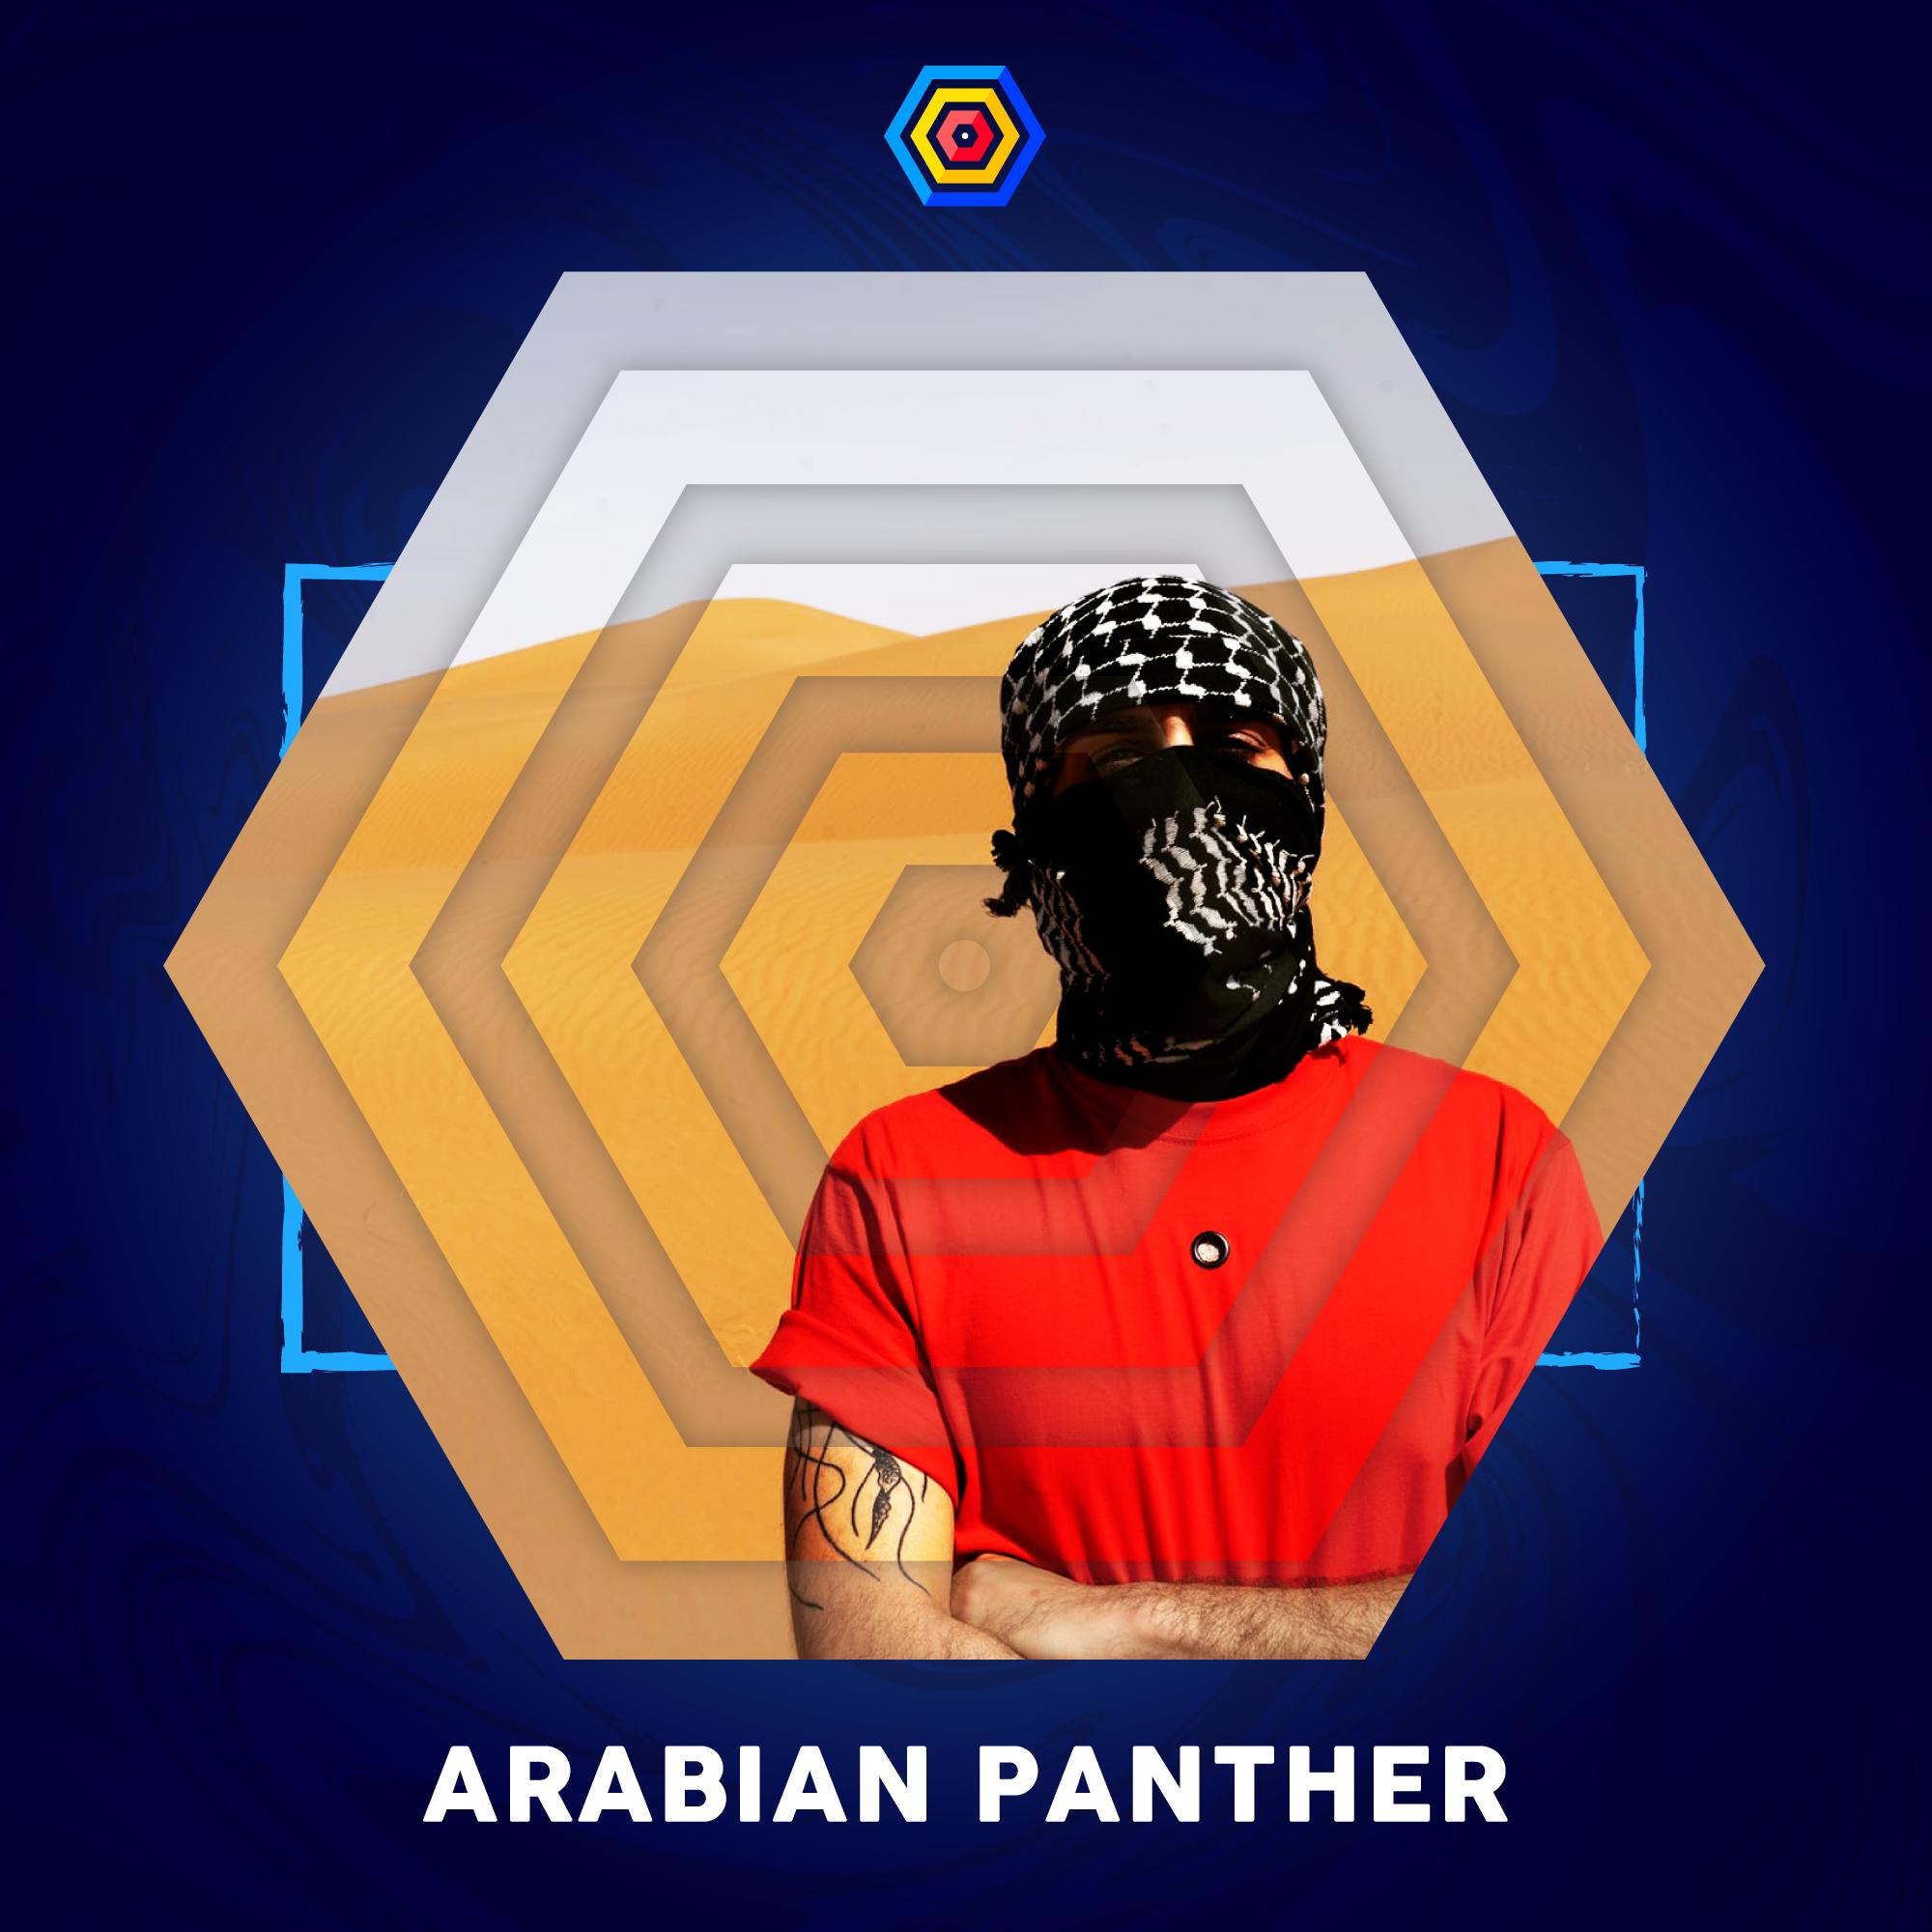 Arabian-Panther